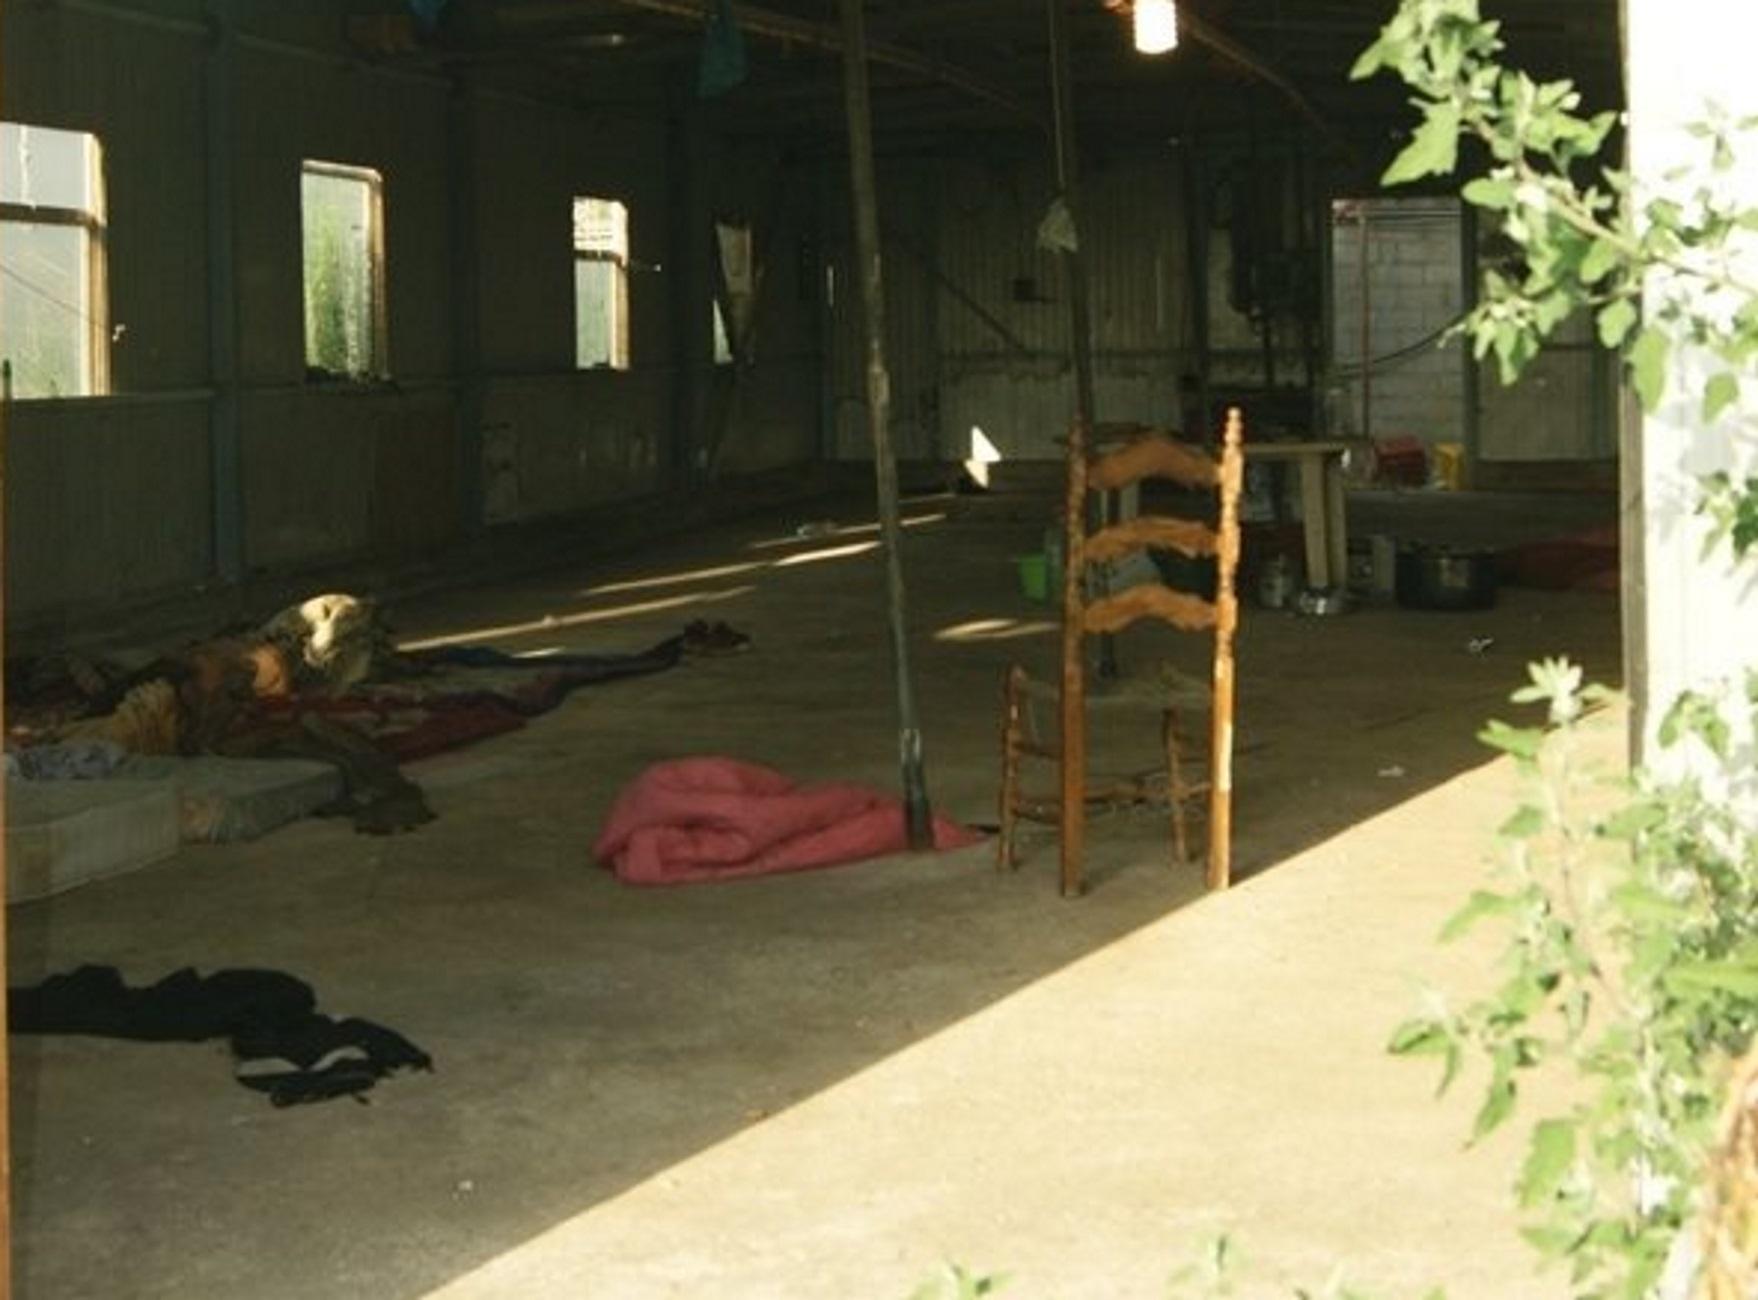 Άρτα: Βασανιστήρια σε αυτό το πτηνοτροφείο – Κόλαση με ξύλο και απειλές σε νύχτες ατελείωτες [pics]